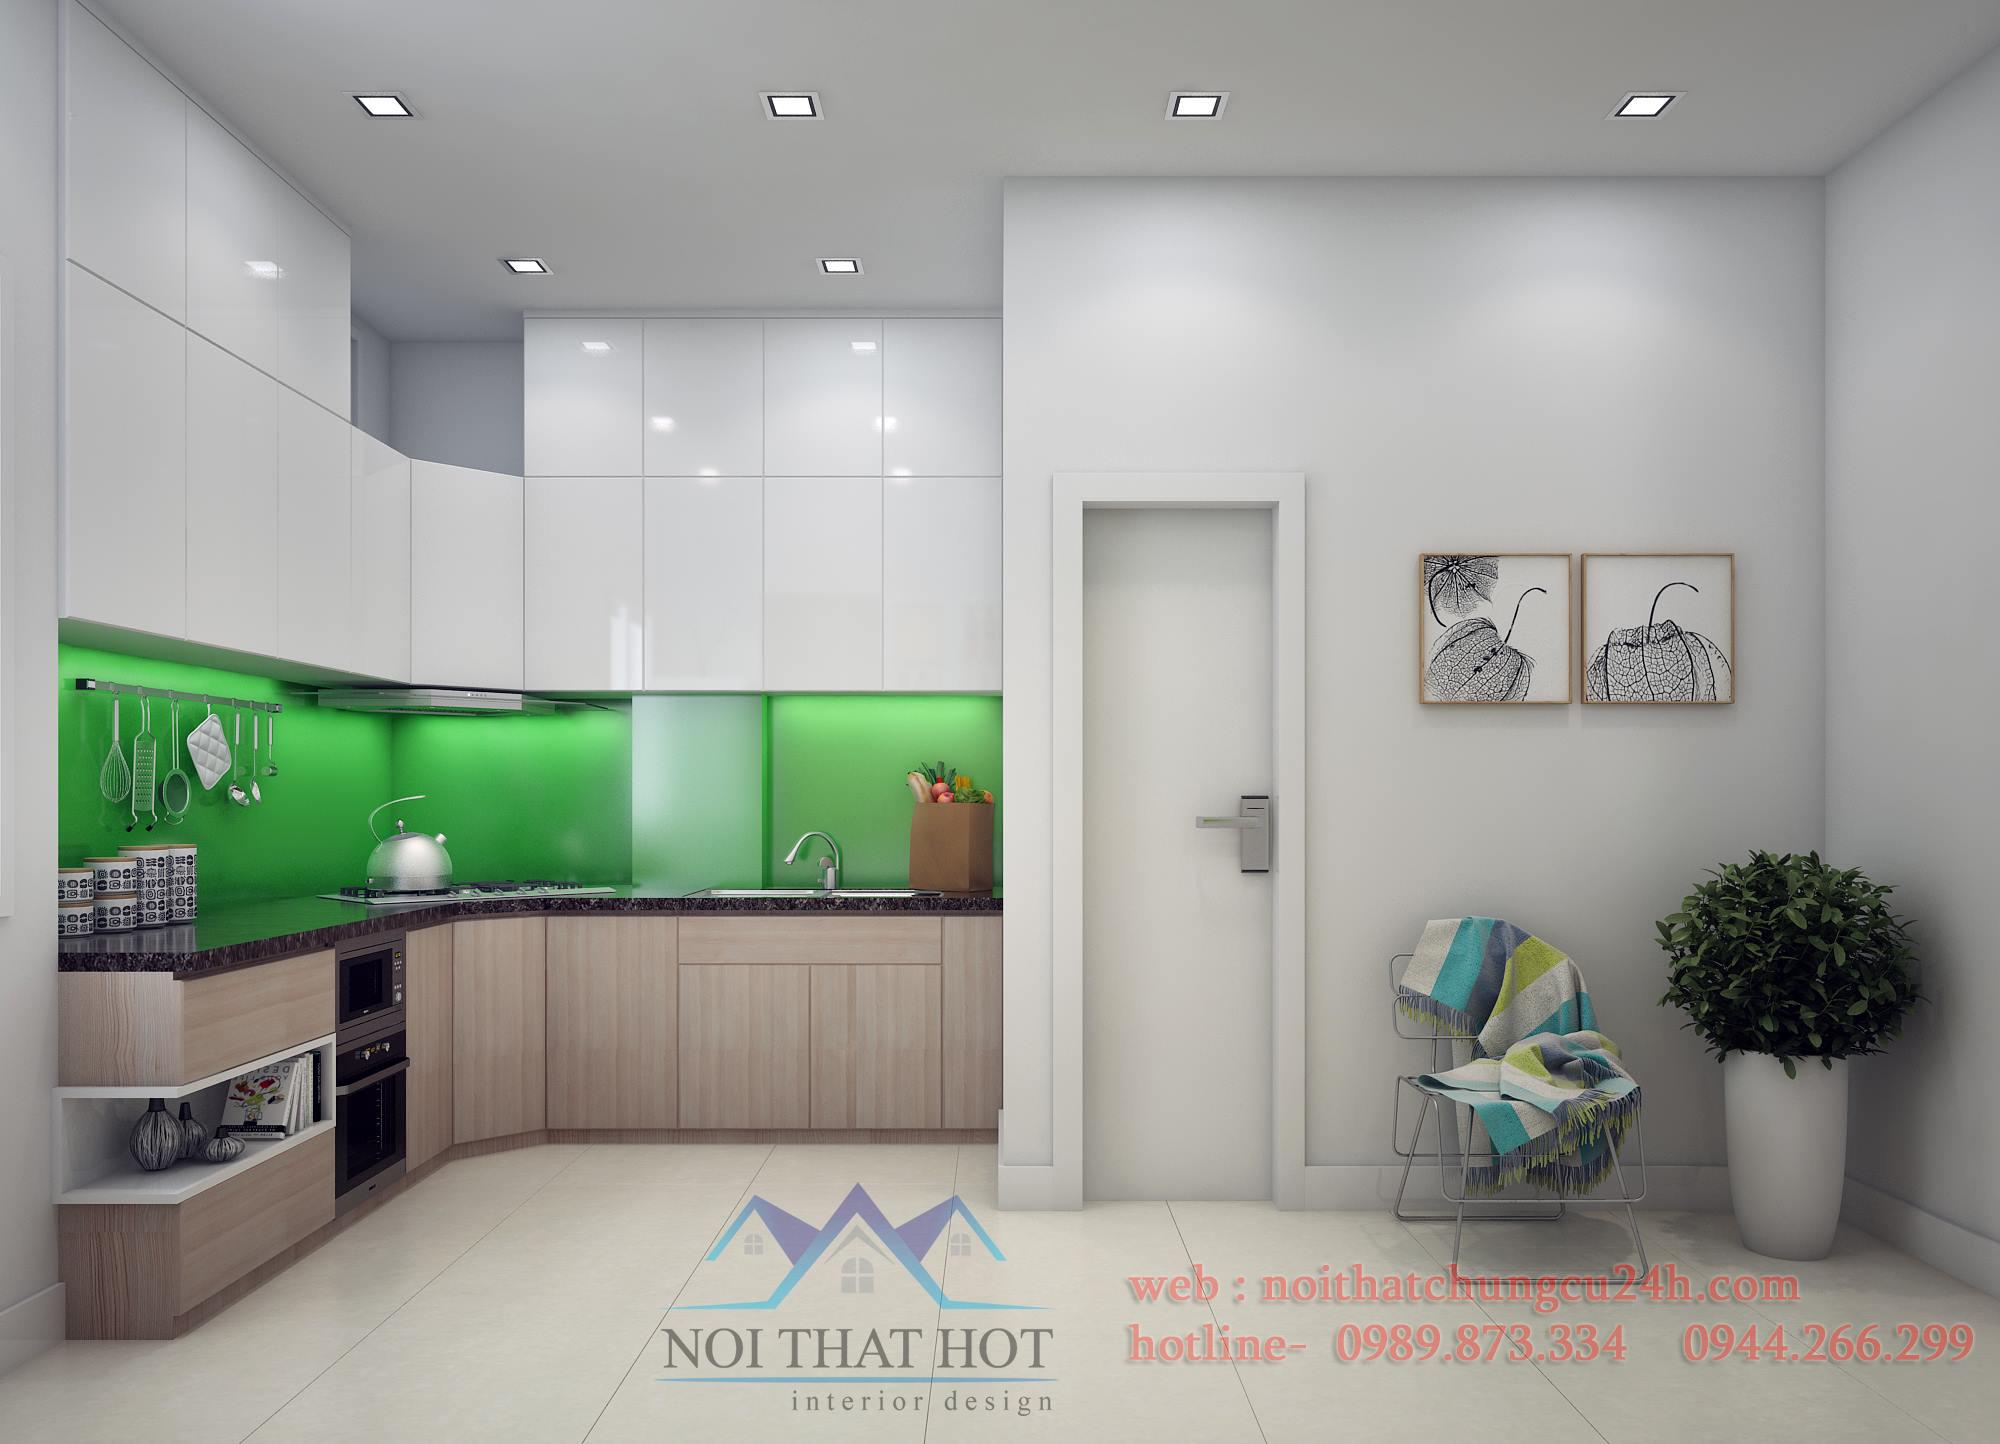 thiết kế nội thất chung cư có phòng bếp xanh